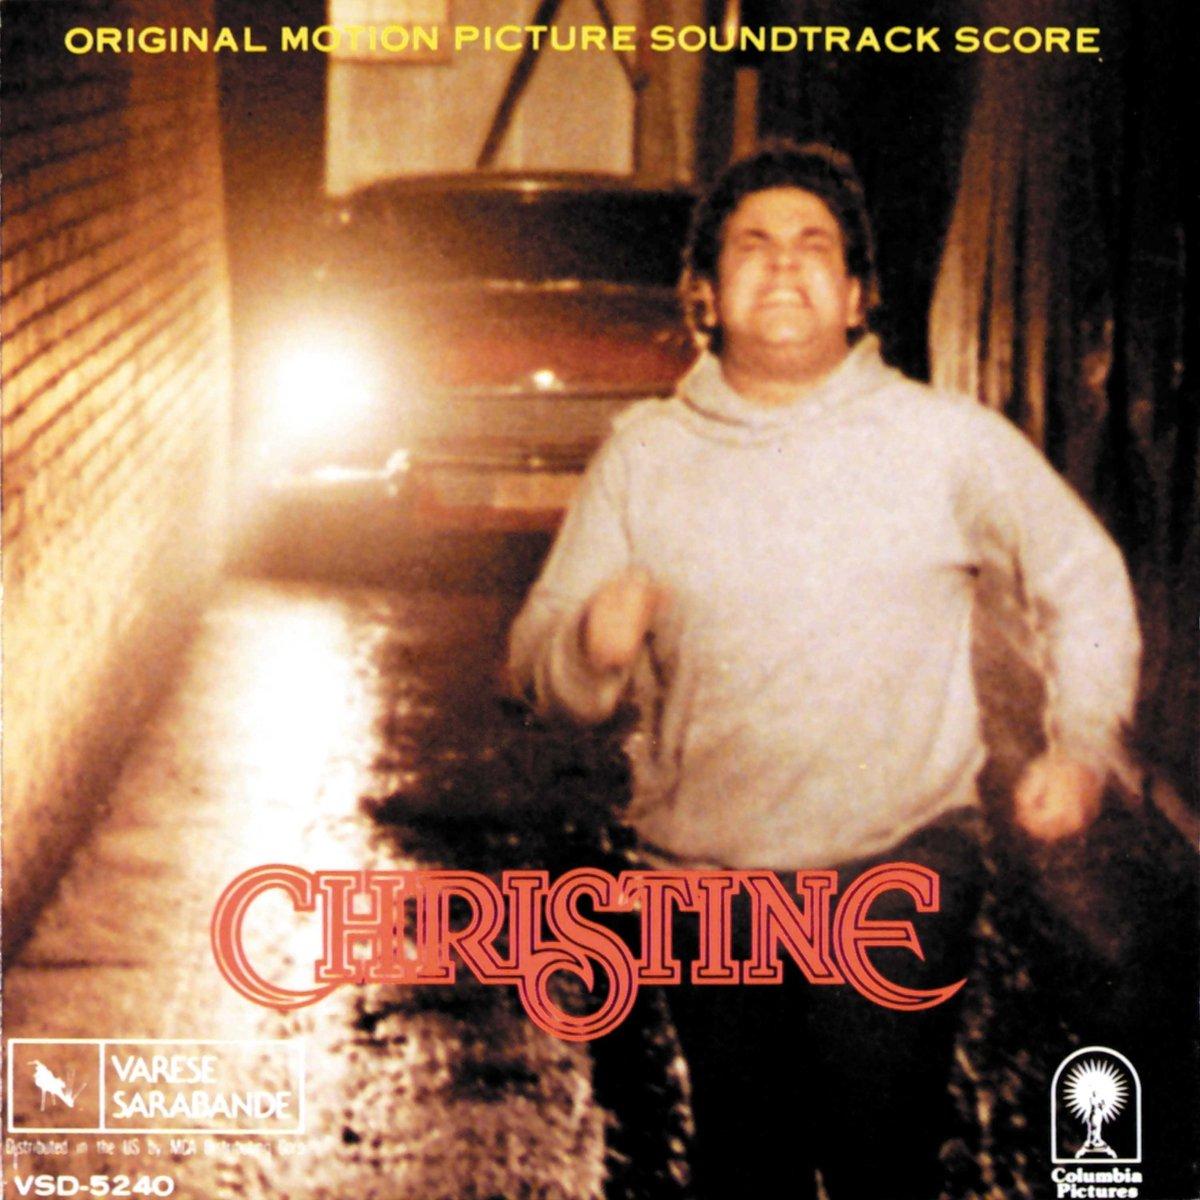 Christine: Original Motion Picture Soundtrack Score